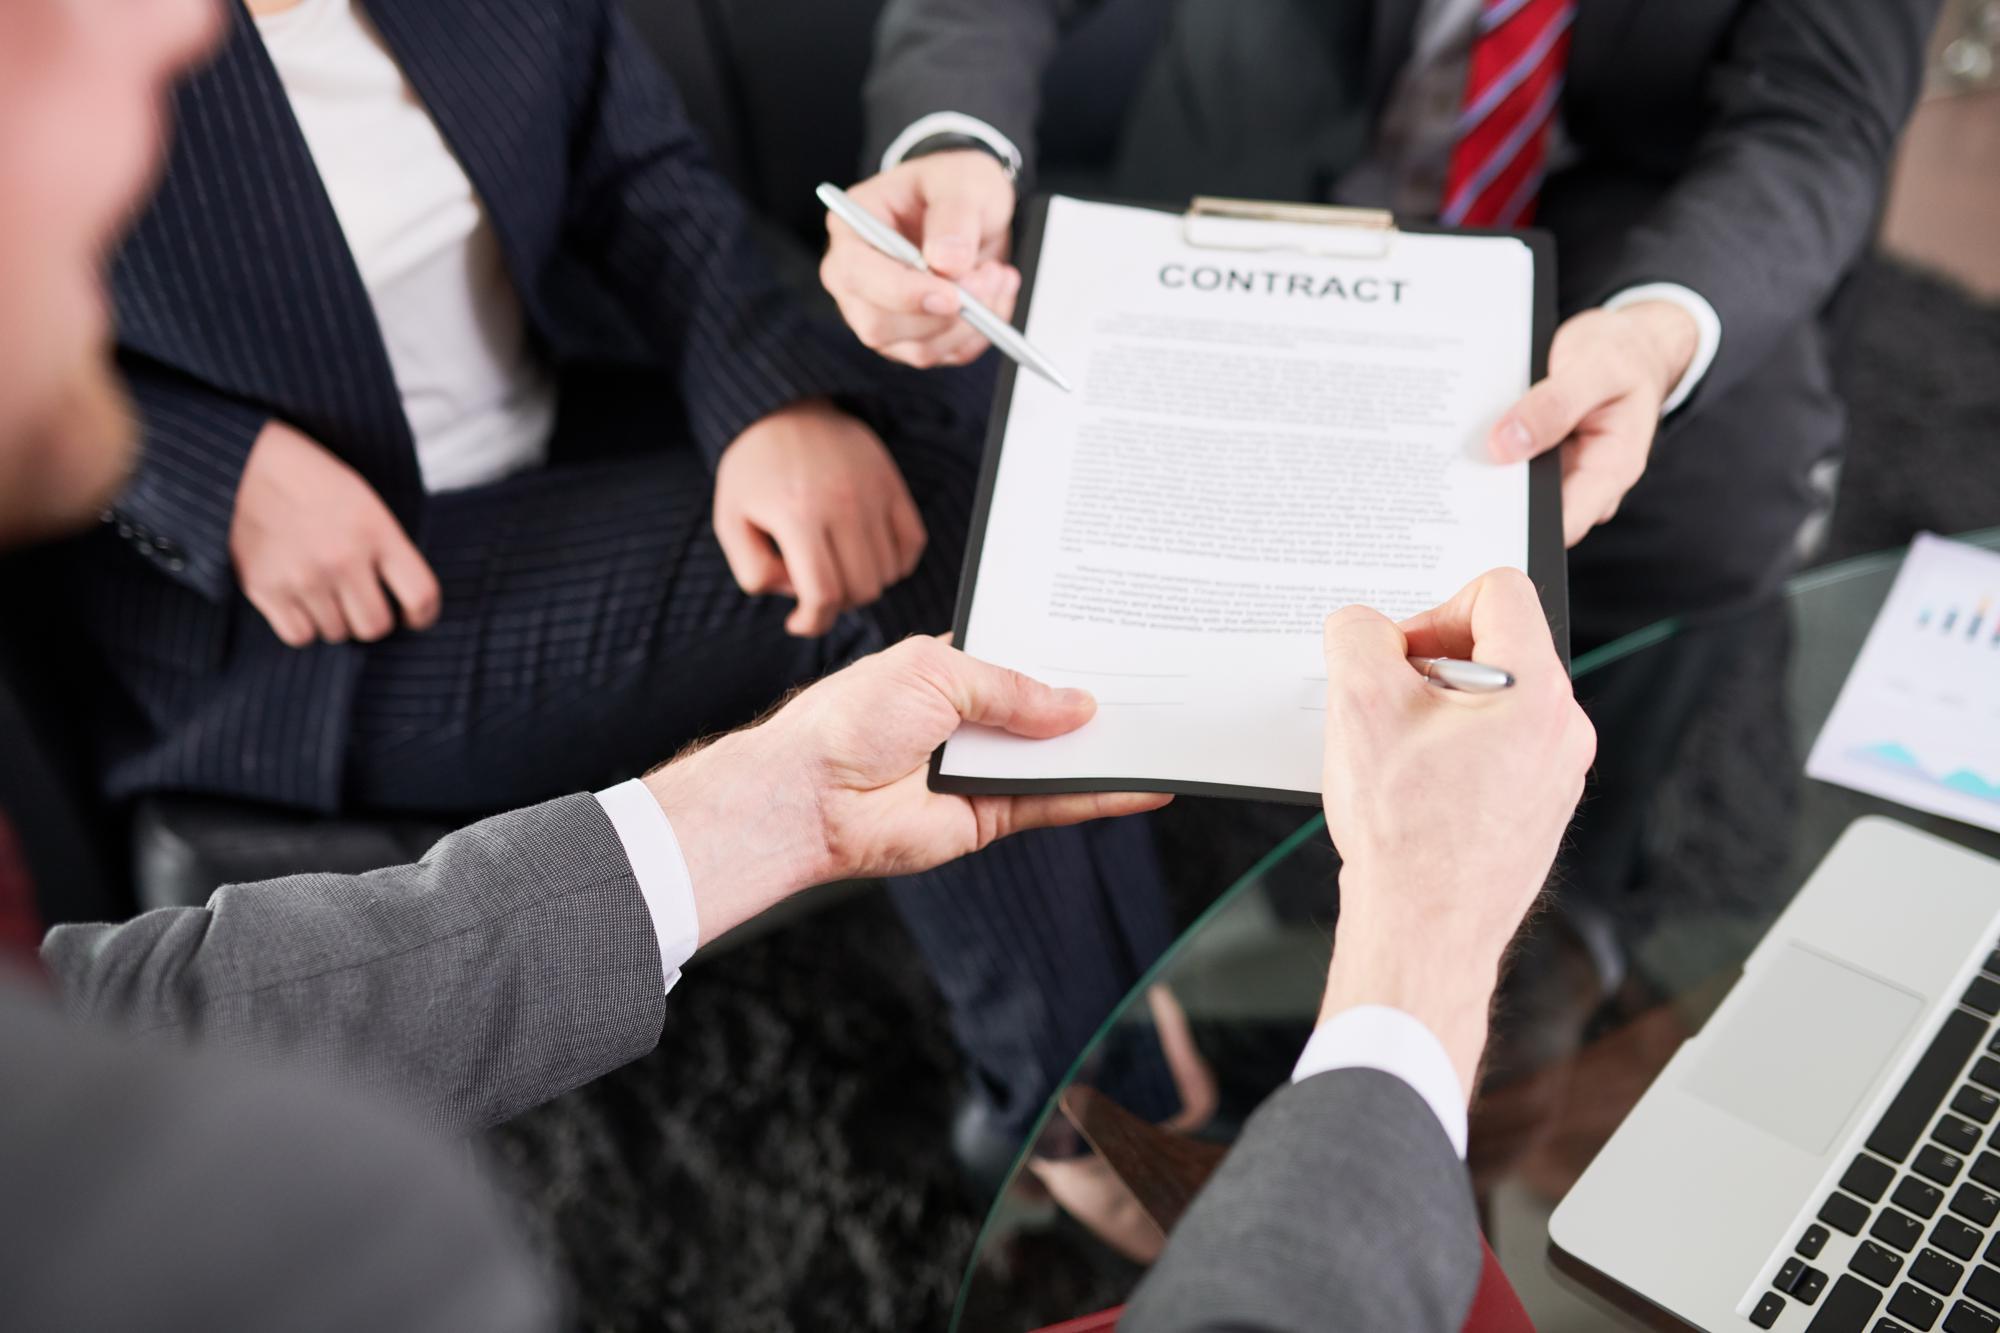 Договор уступки права должен содержать ссылку на первоначальное обязательство